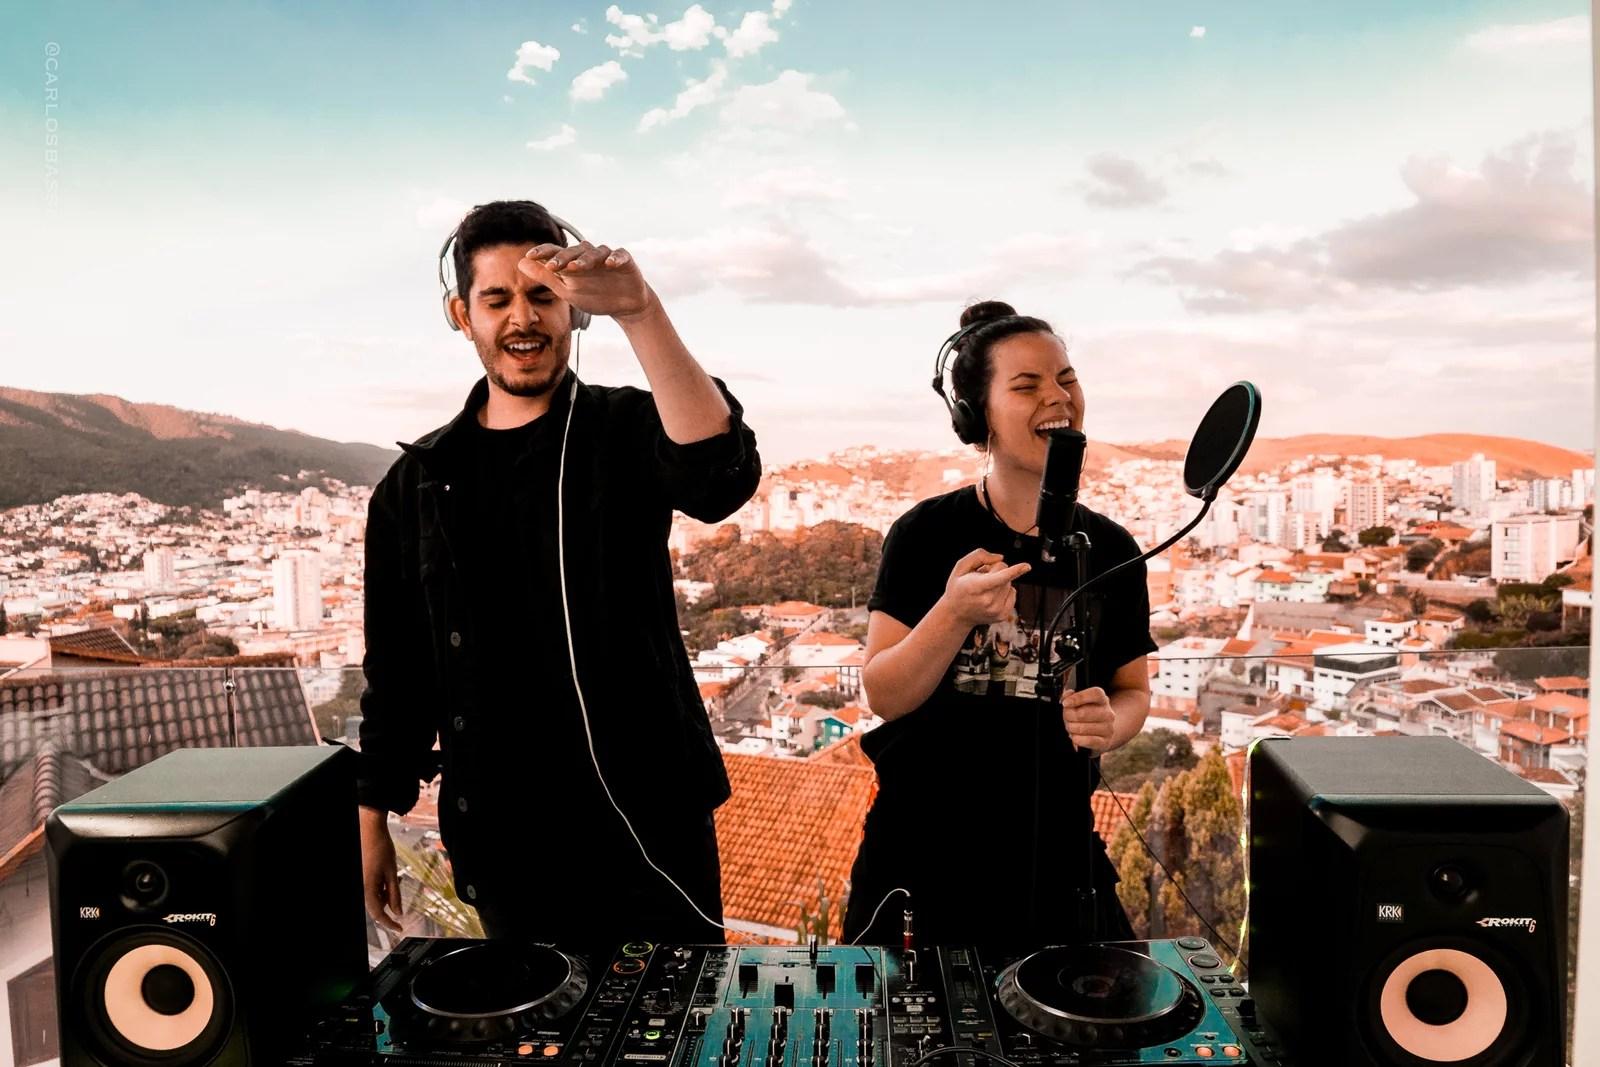 Referência no eletrônico nacional, SPECT3R lança novo single